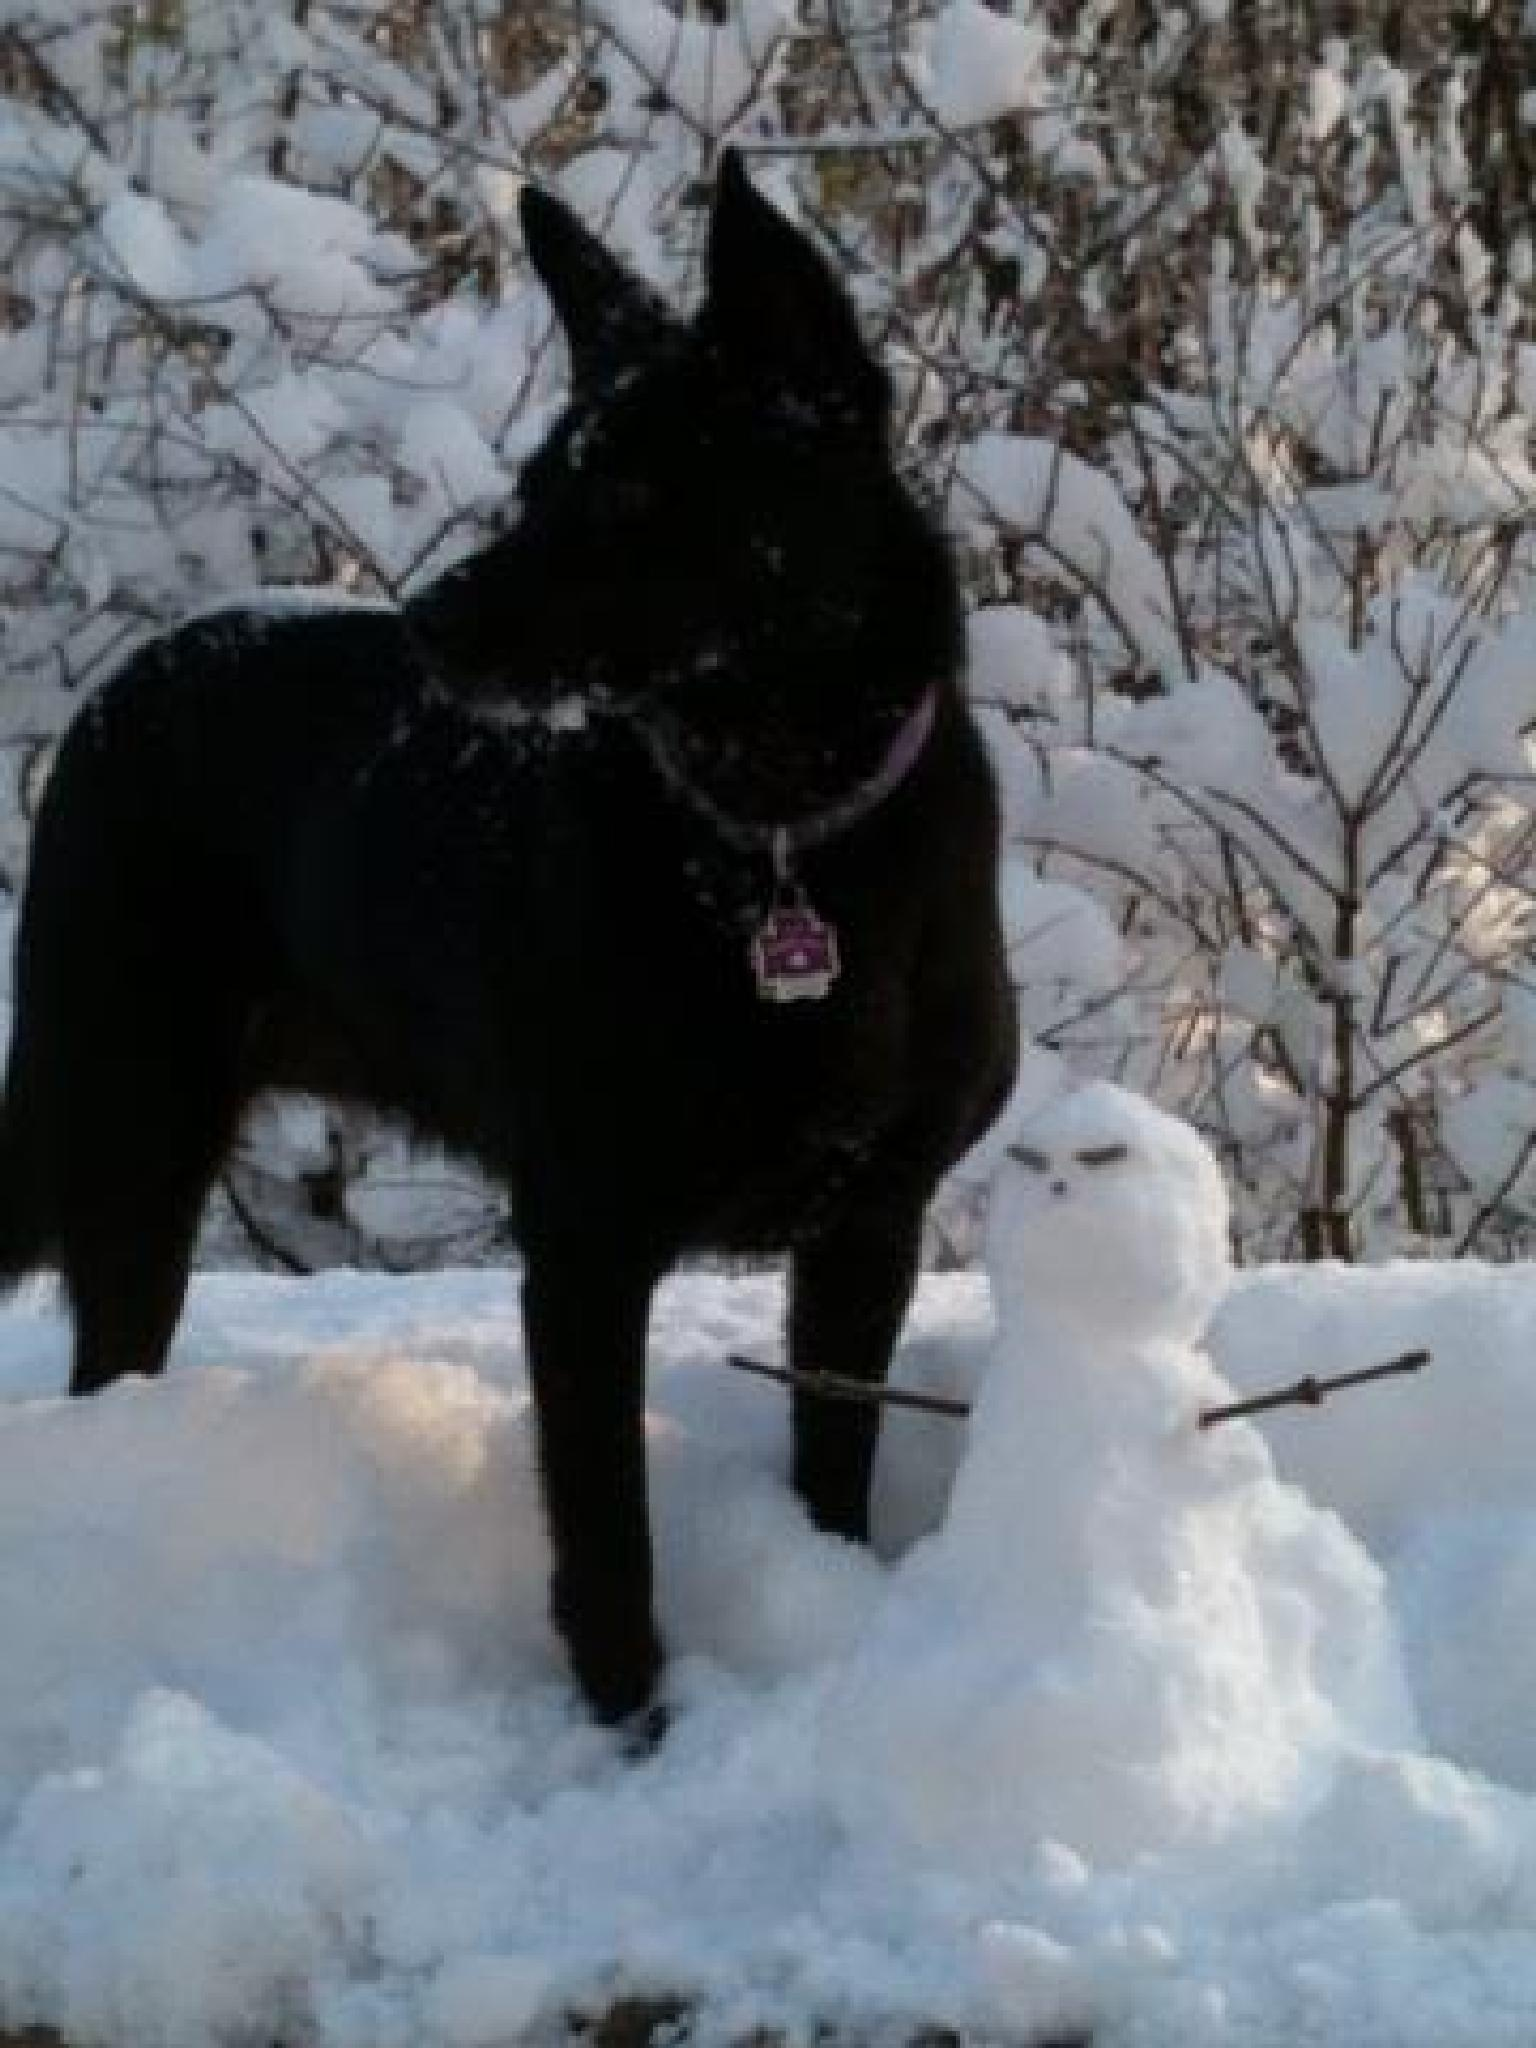 Dog & Snowman by deb.mclauchlin